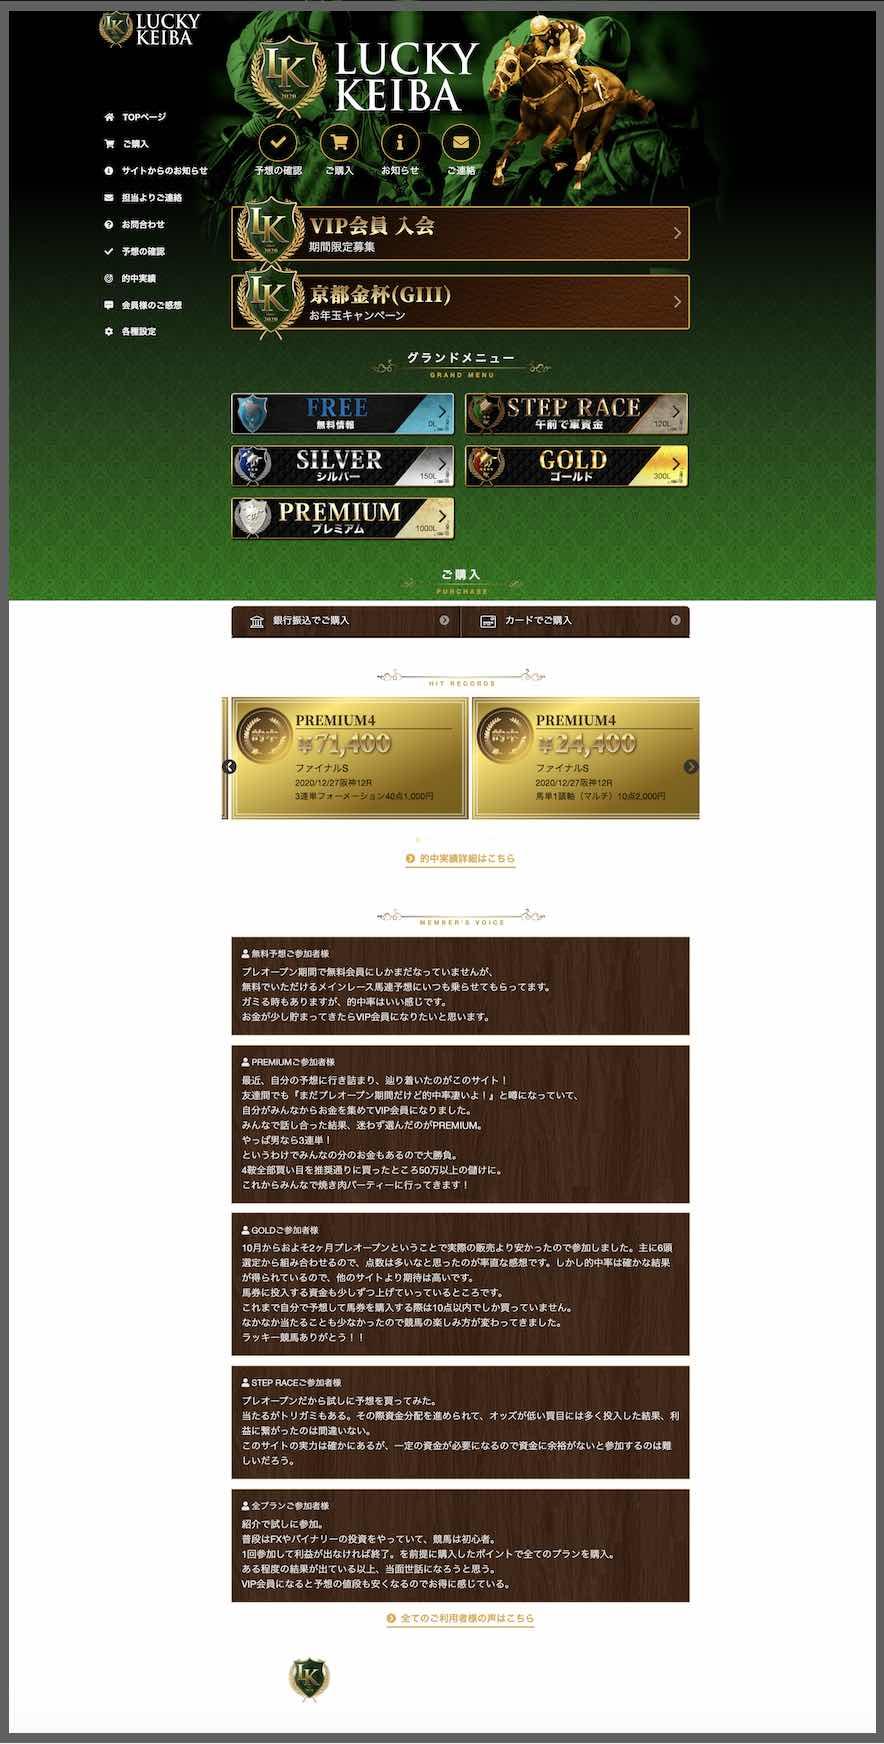 ラッキー競馬という競馬予想サイトの会員ページ